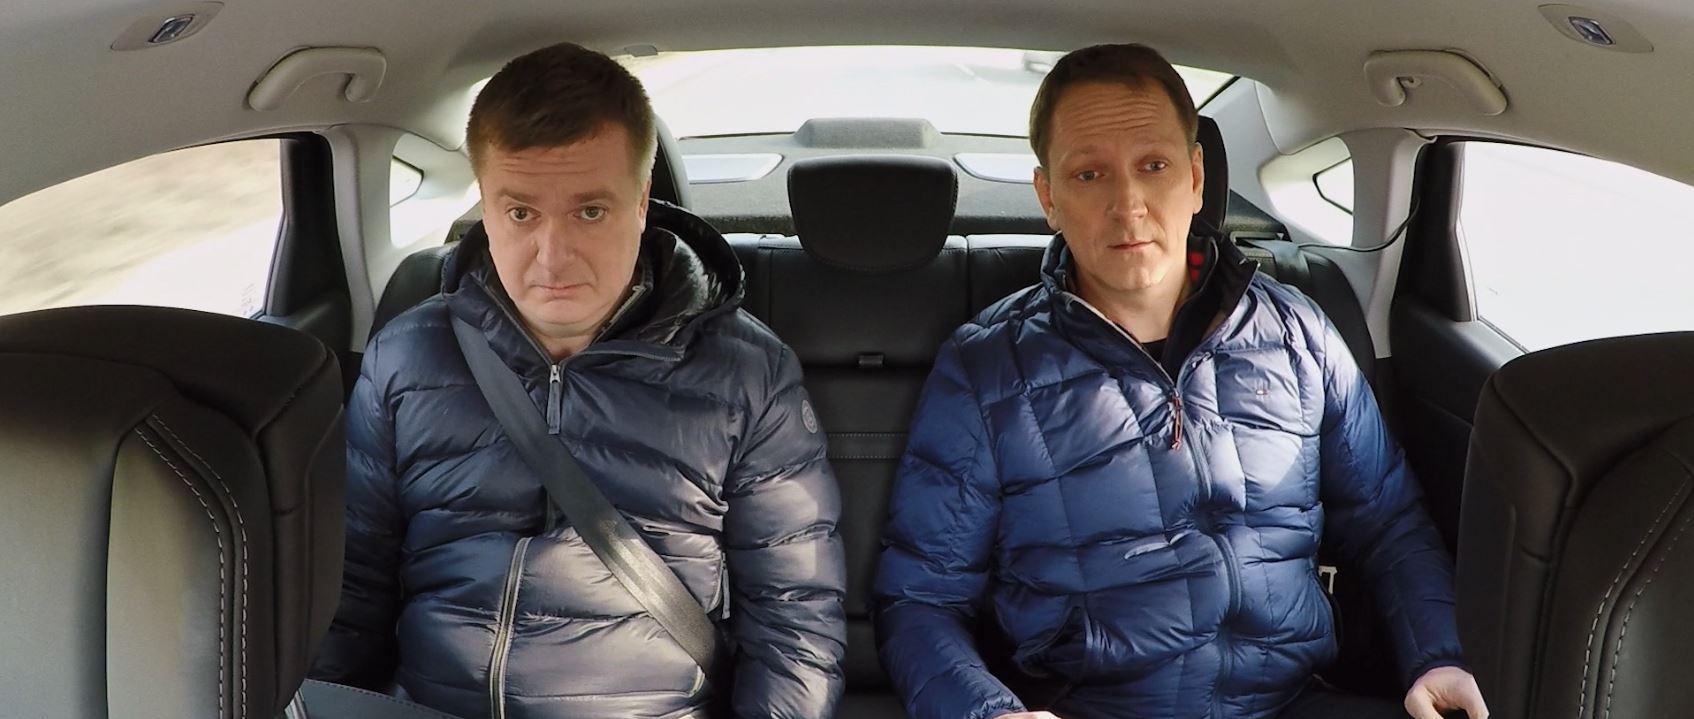 Margna ja Jõekalda ajavad taksojuhil pea sassi